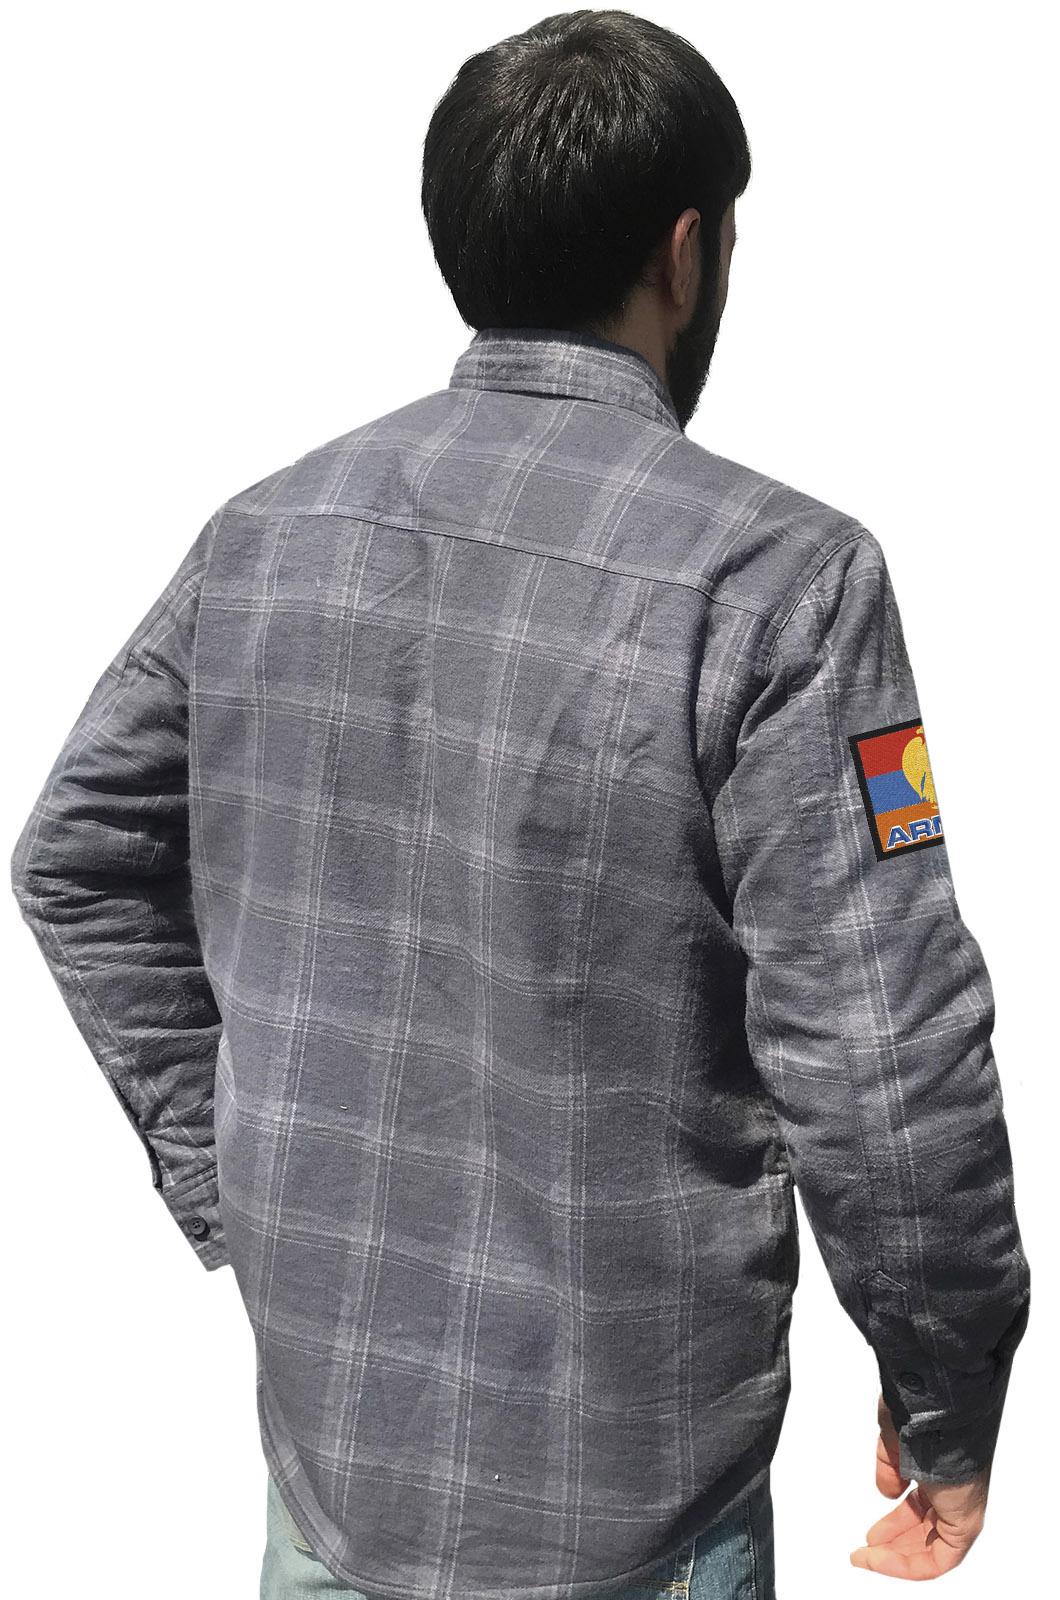 Купить утепленную мужскую рубашку с вышитым флагом Армении по низкой цене